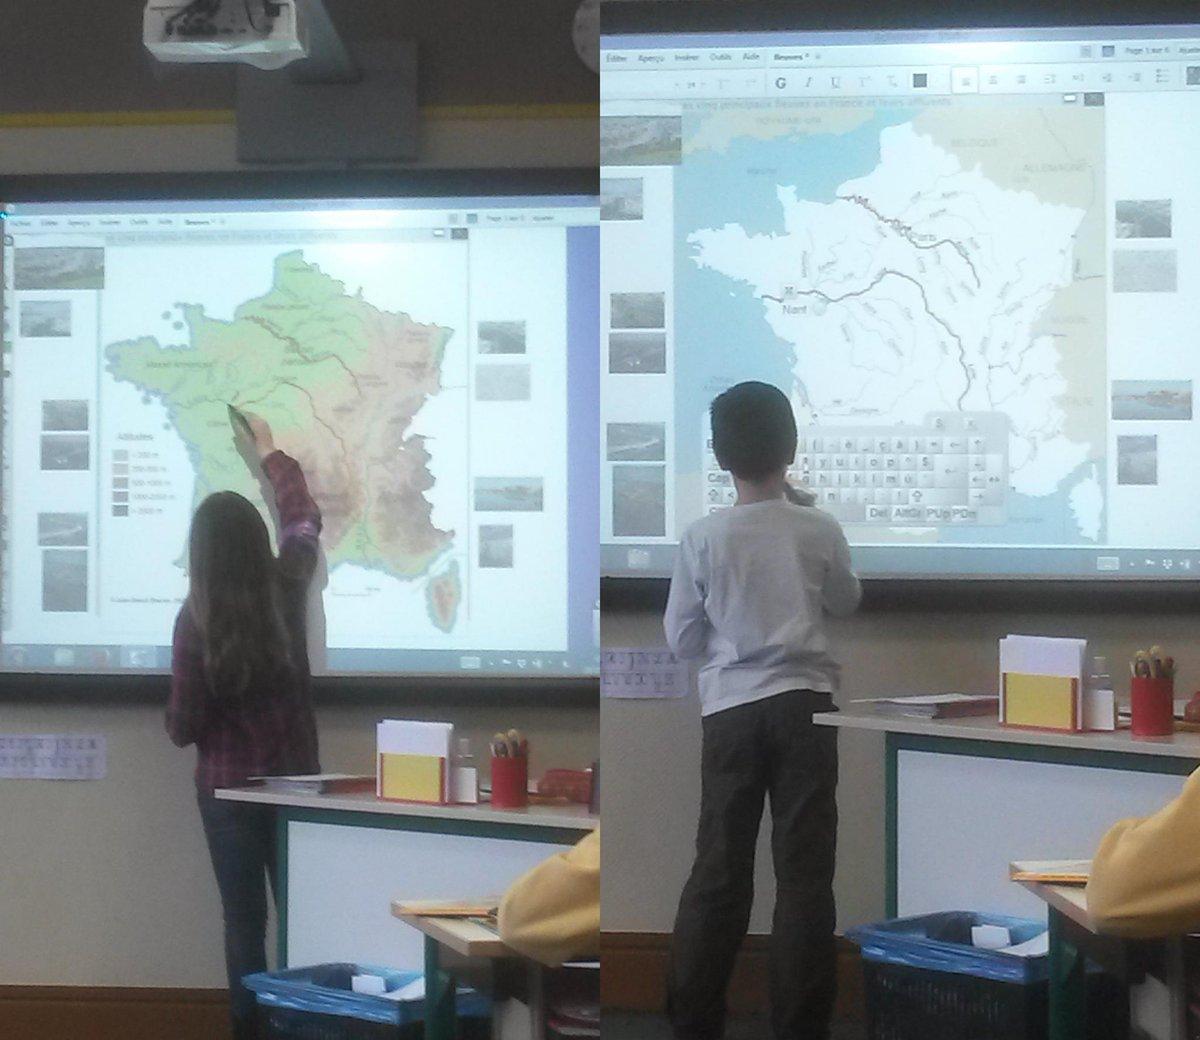 #forumatice Carignan : Mme Raymond a reçu des élus de la municipalité pour une petite leçon de géographie sur TNi http://t.co/ZXPqGnbGJ2